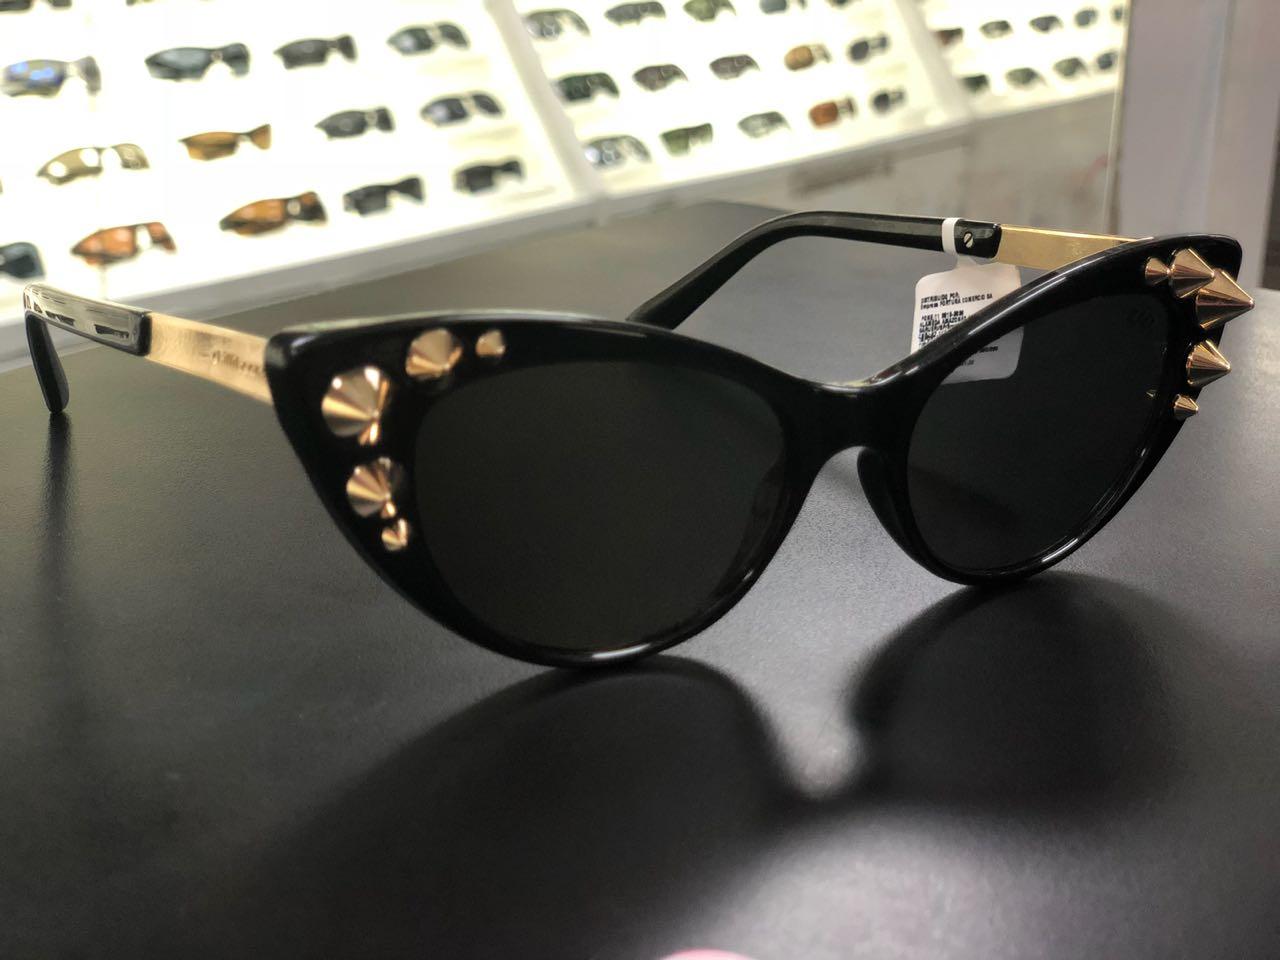 2a08e94dd Últimas tendências de Óculos de Sol para você se apaixonar - Flamboyant